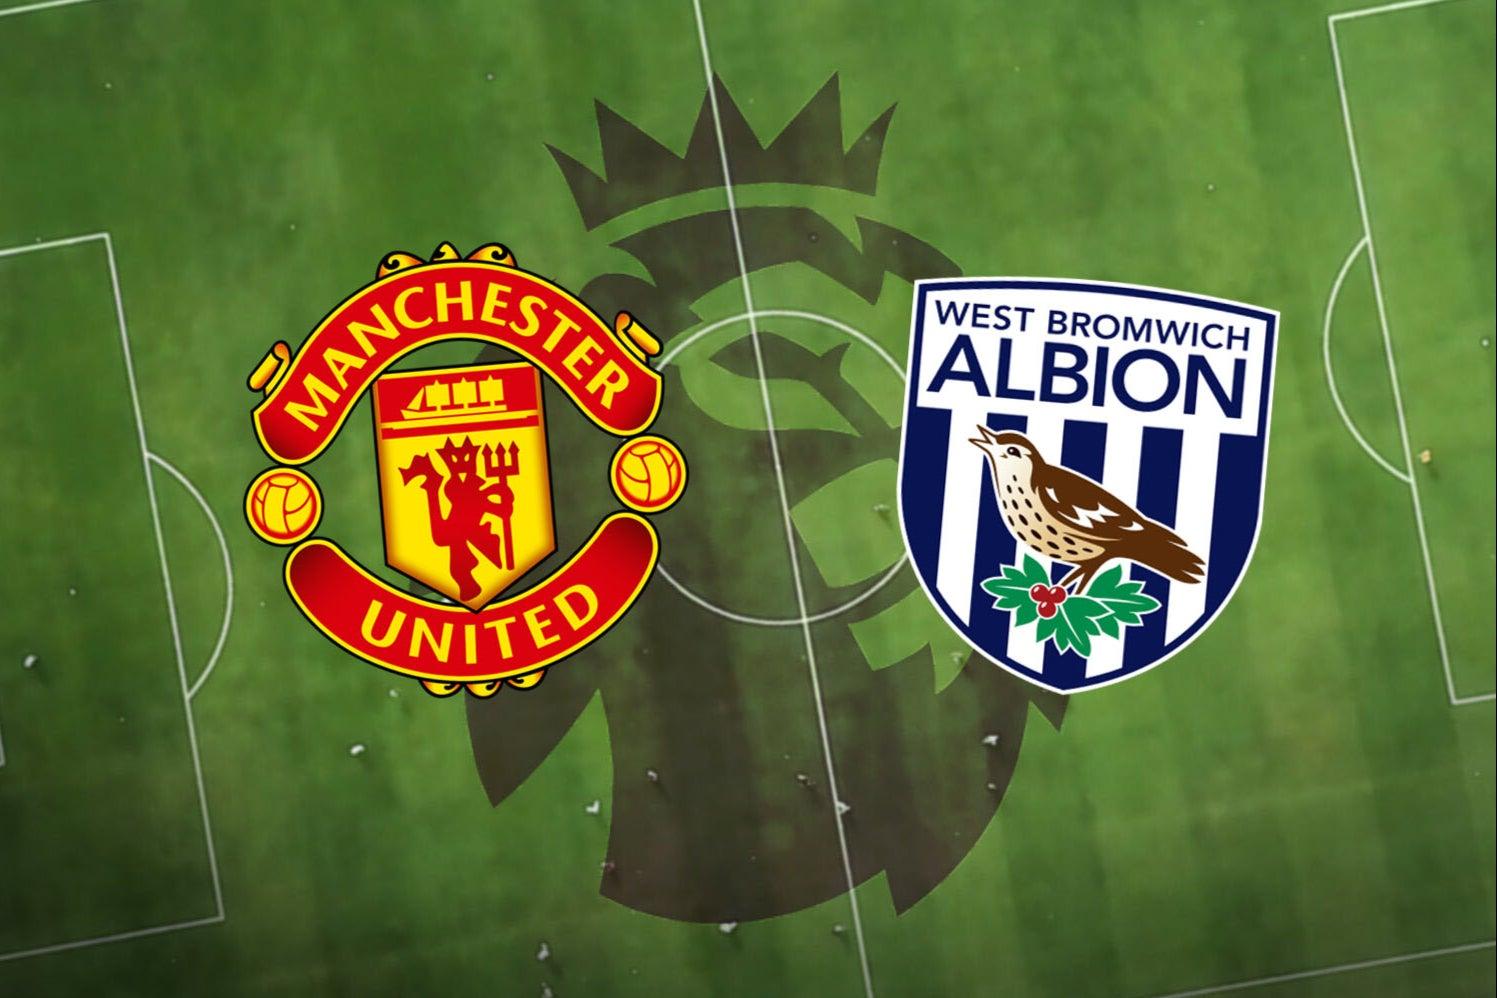 موعد مباراة مانشستر يونايتد ضد وست بروميتش والقنوات الناقلة الأحد 14 فبراير 2021 في الدوري الإنجليزي